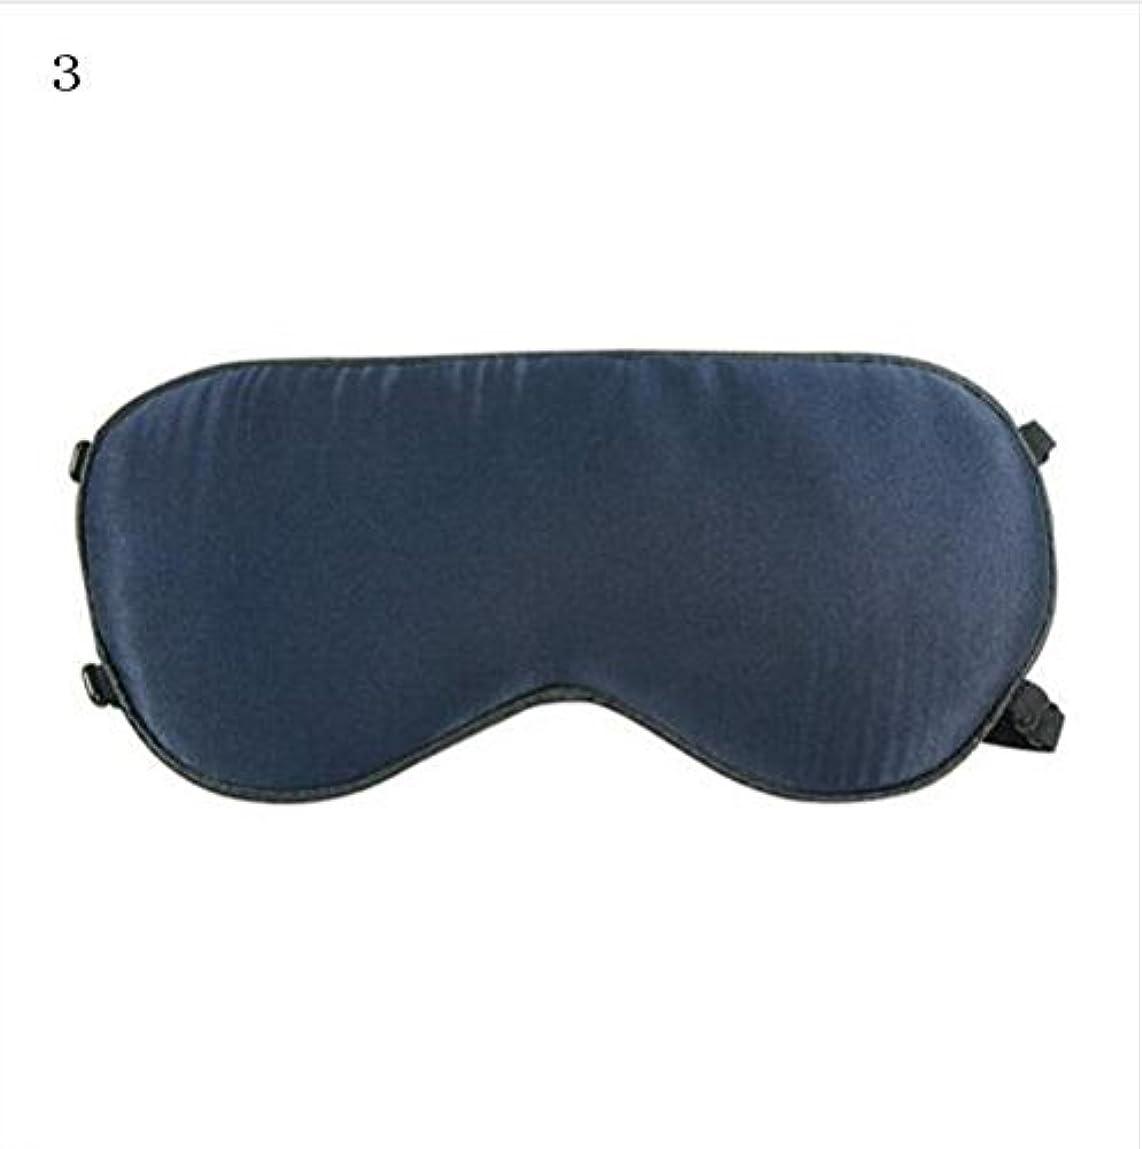 競争力のある即席魅惑的なNOTE 高級100%シルクポータブル旅行睡眠アイマスク休息補助ソフトカバーアイパッチアイシェード睡眠マスクケースMR096